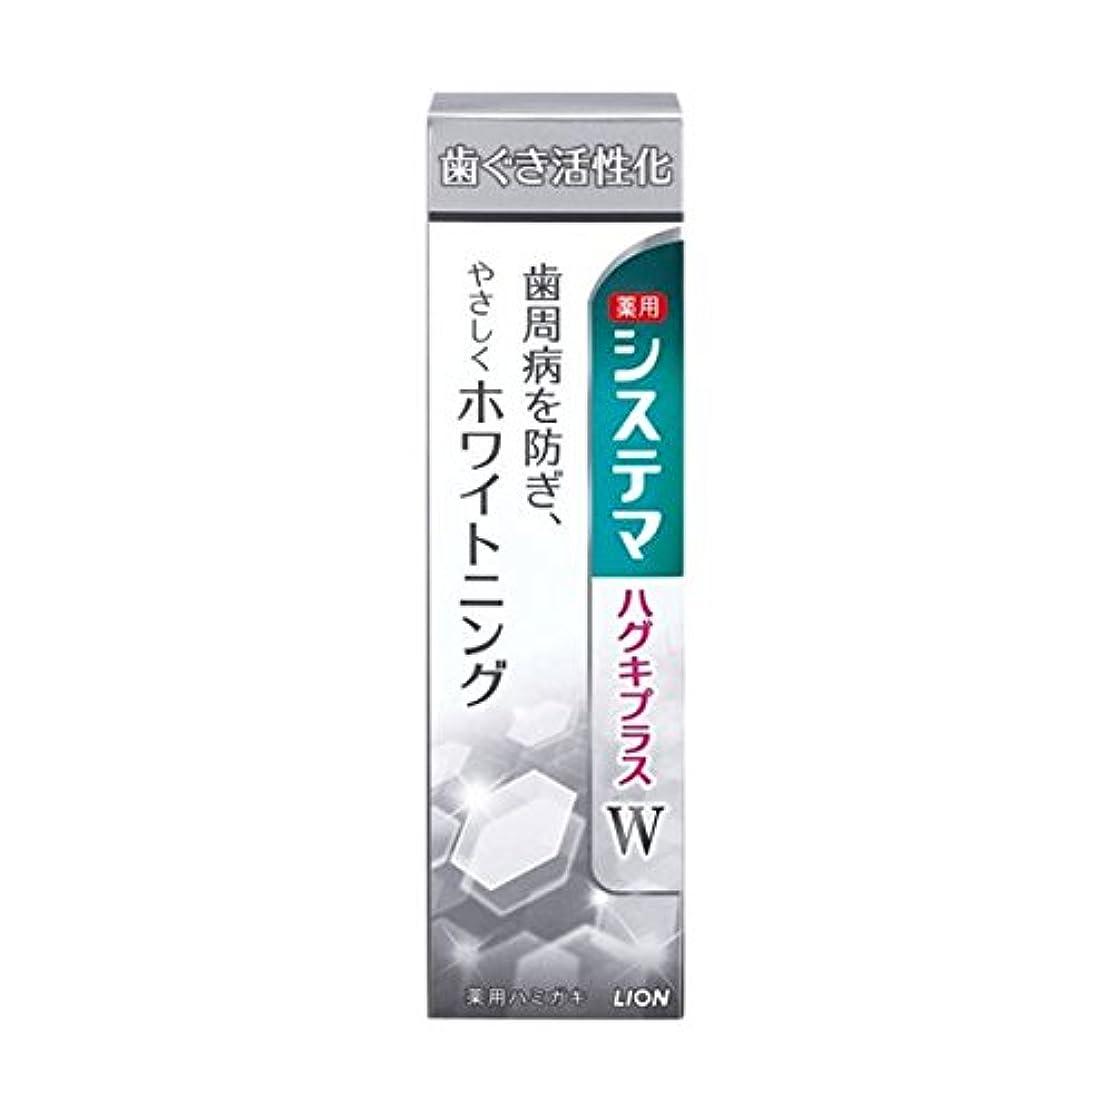 シガレットドメインウサギシステマ ハグキプラスW ハミガキ 95g (医薬部外品) ×3個セット